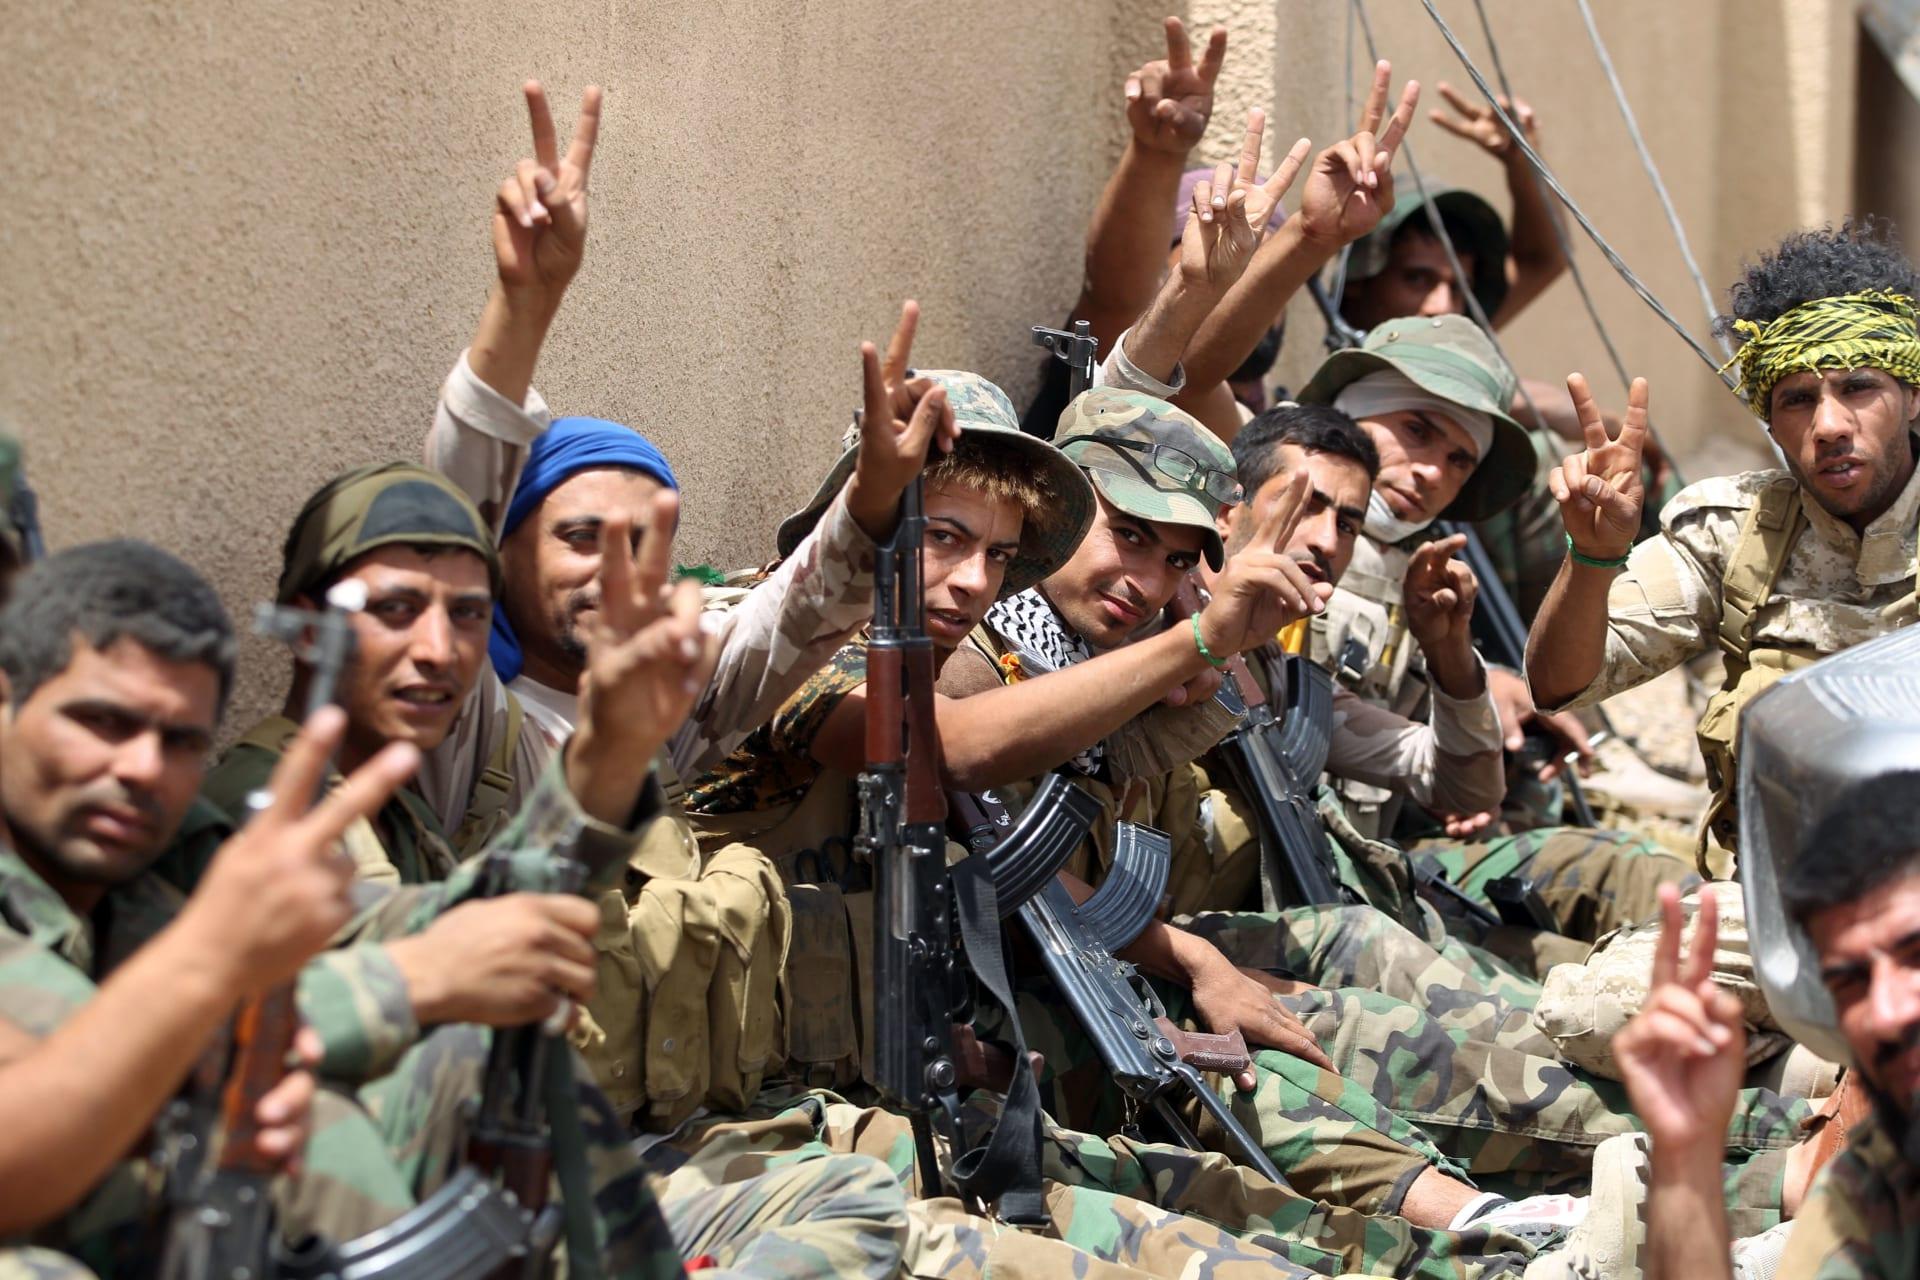 العبادي: الحشد الشعبي تحت إمرة الدولة ودعم أبناء العشائر المقاتلة أساسي لتحرير الفلوجة